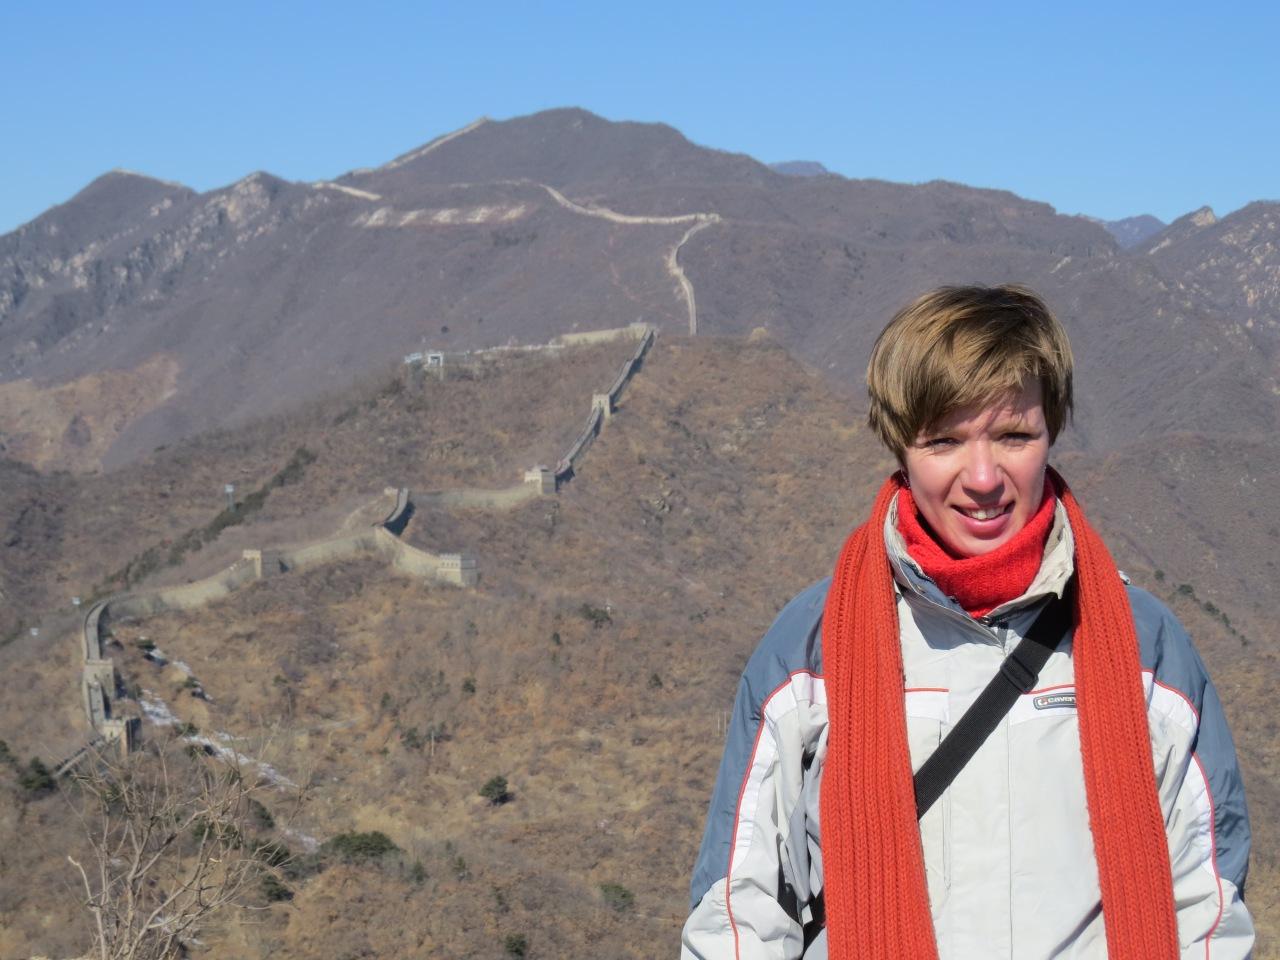 Wielki Chiński Mur - wycieczka na Chiński Nowy Rok